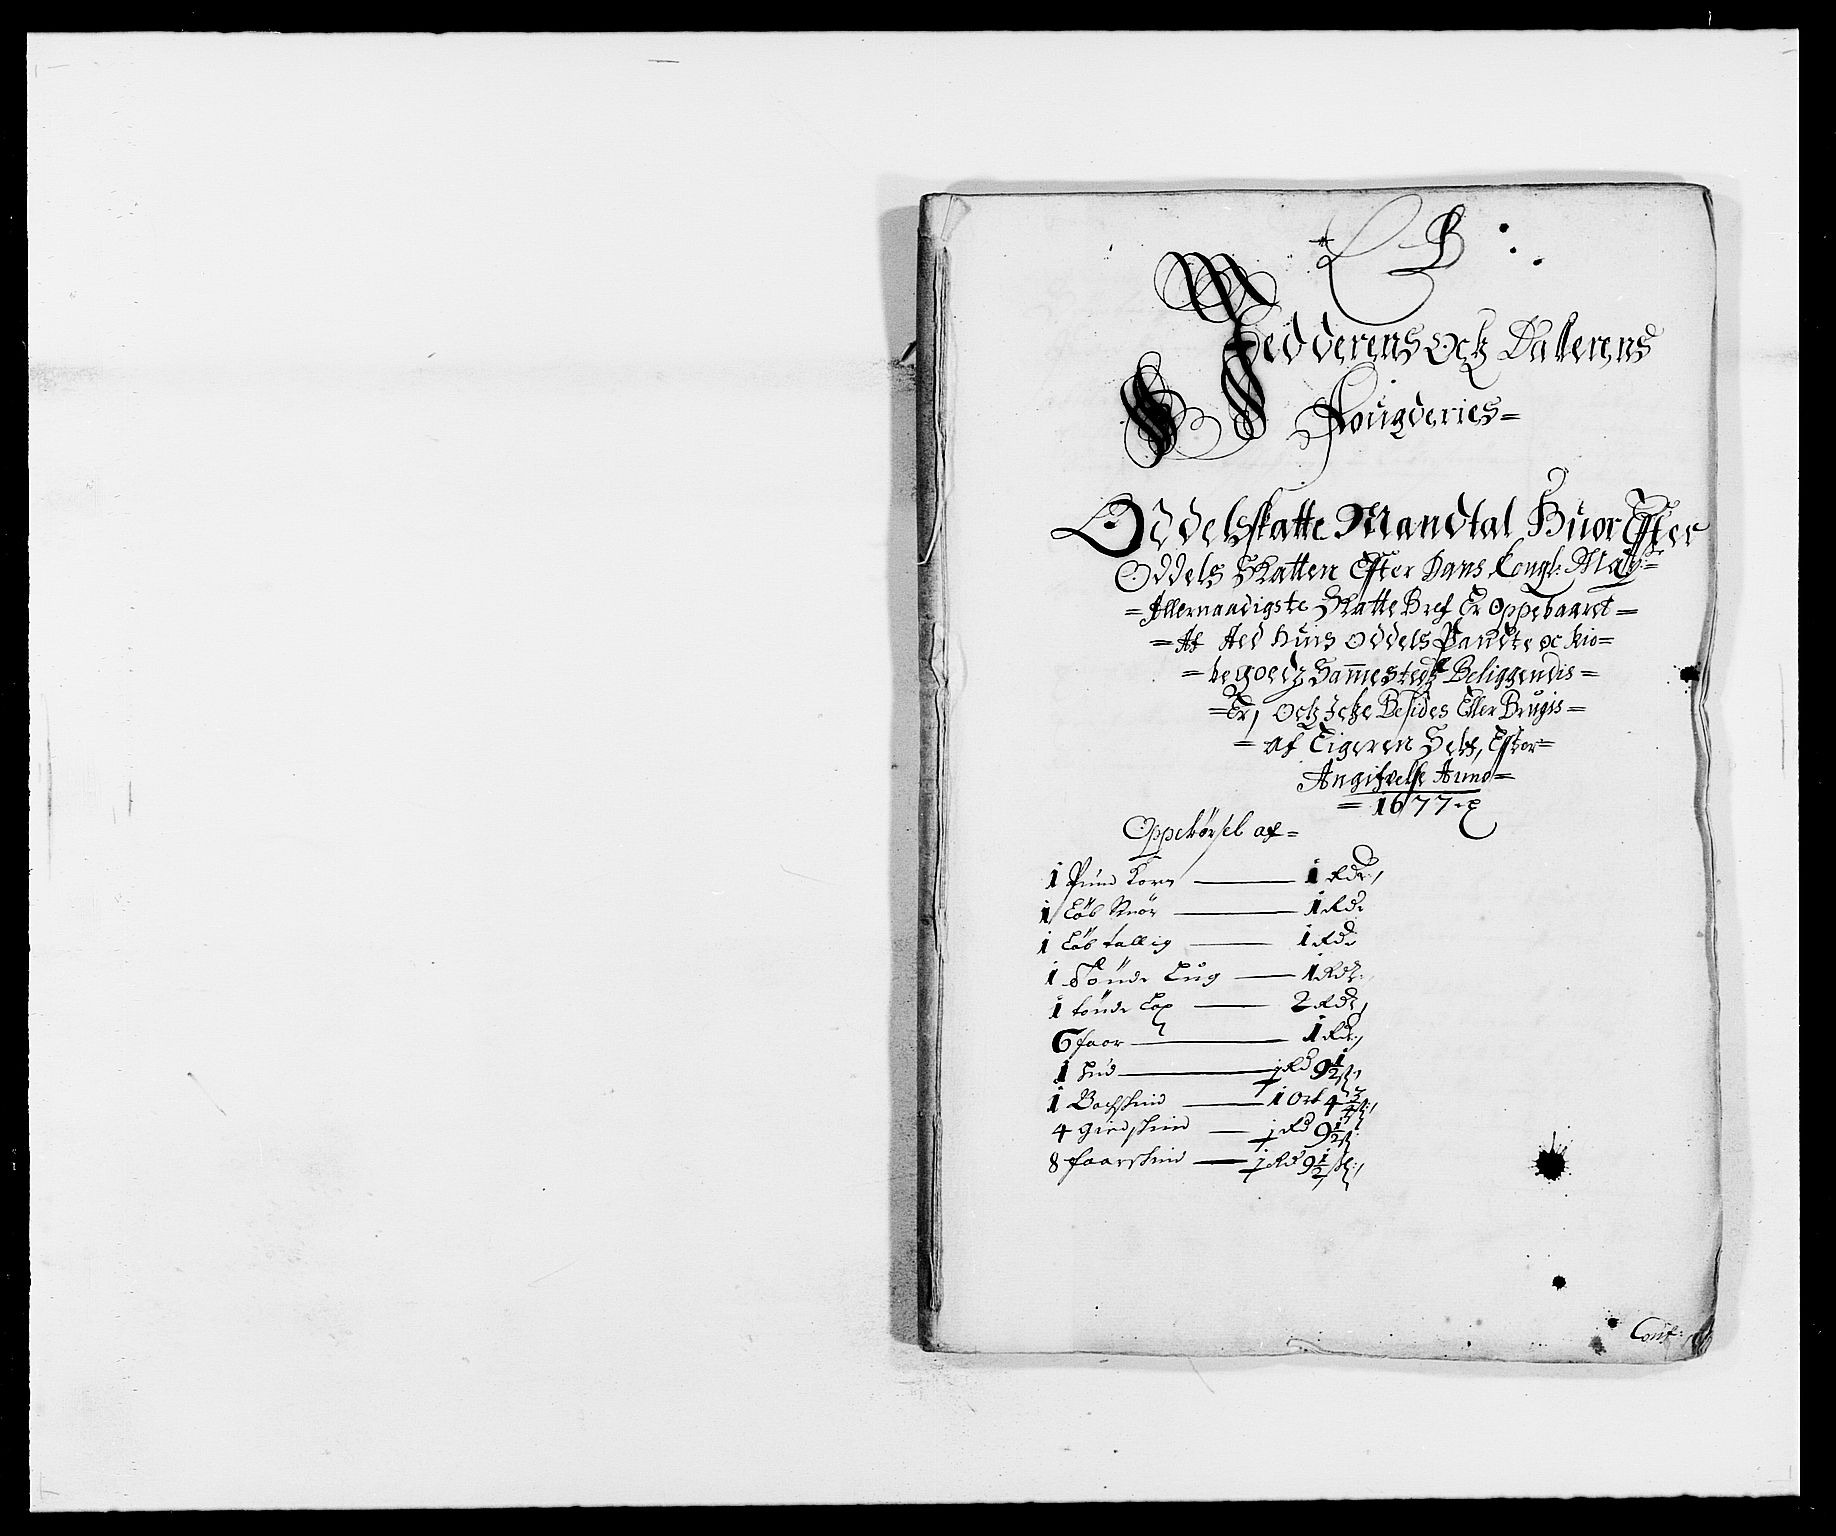 RA, Rentekammeret inntil 1814, Reviderte regnskaper, Fogderegnskap, R46/L2717: Fogderegnskap Jæren og Dalane, 1677, s. 59